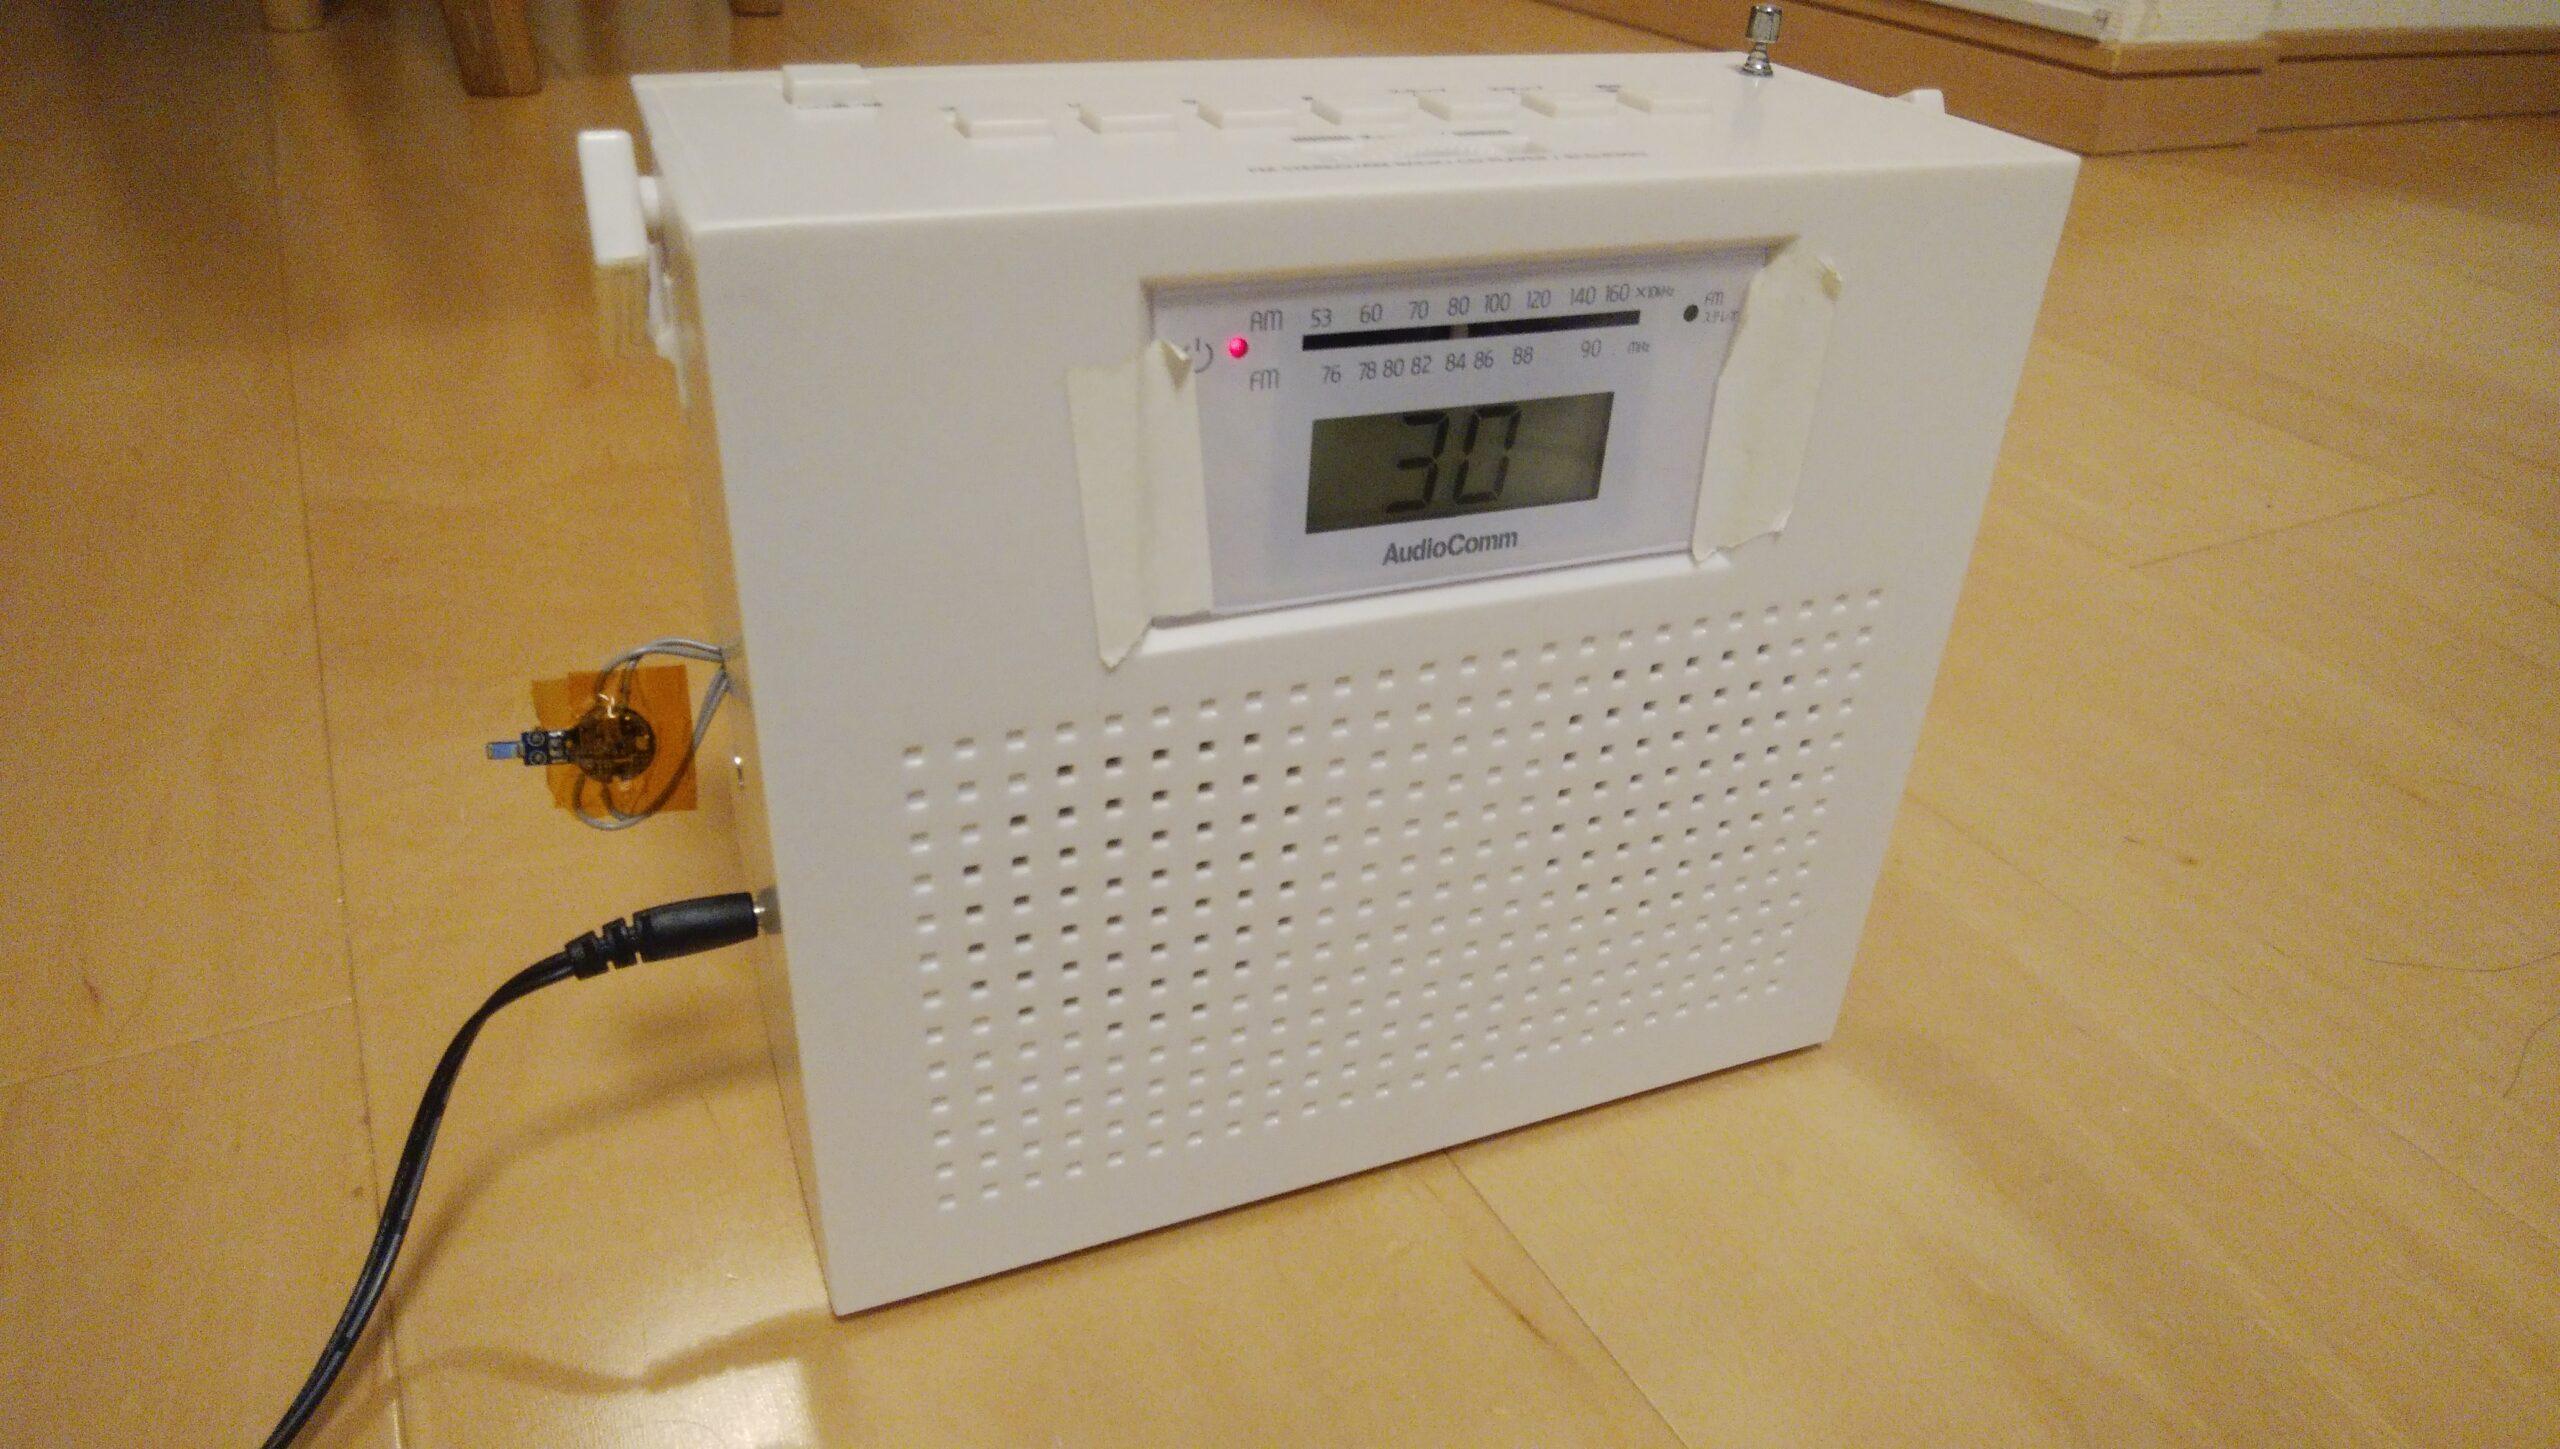 【DIY】「スピーカーのワイヤレス化」不要になったBluetoothイヤホンでラジオを改造!